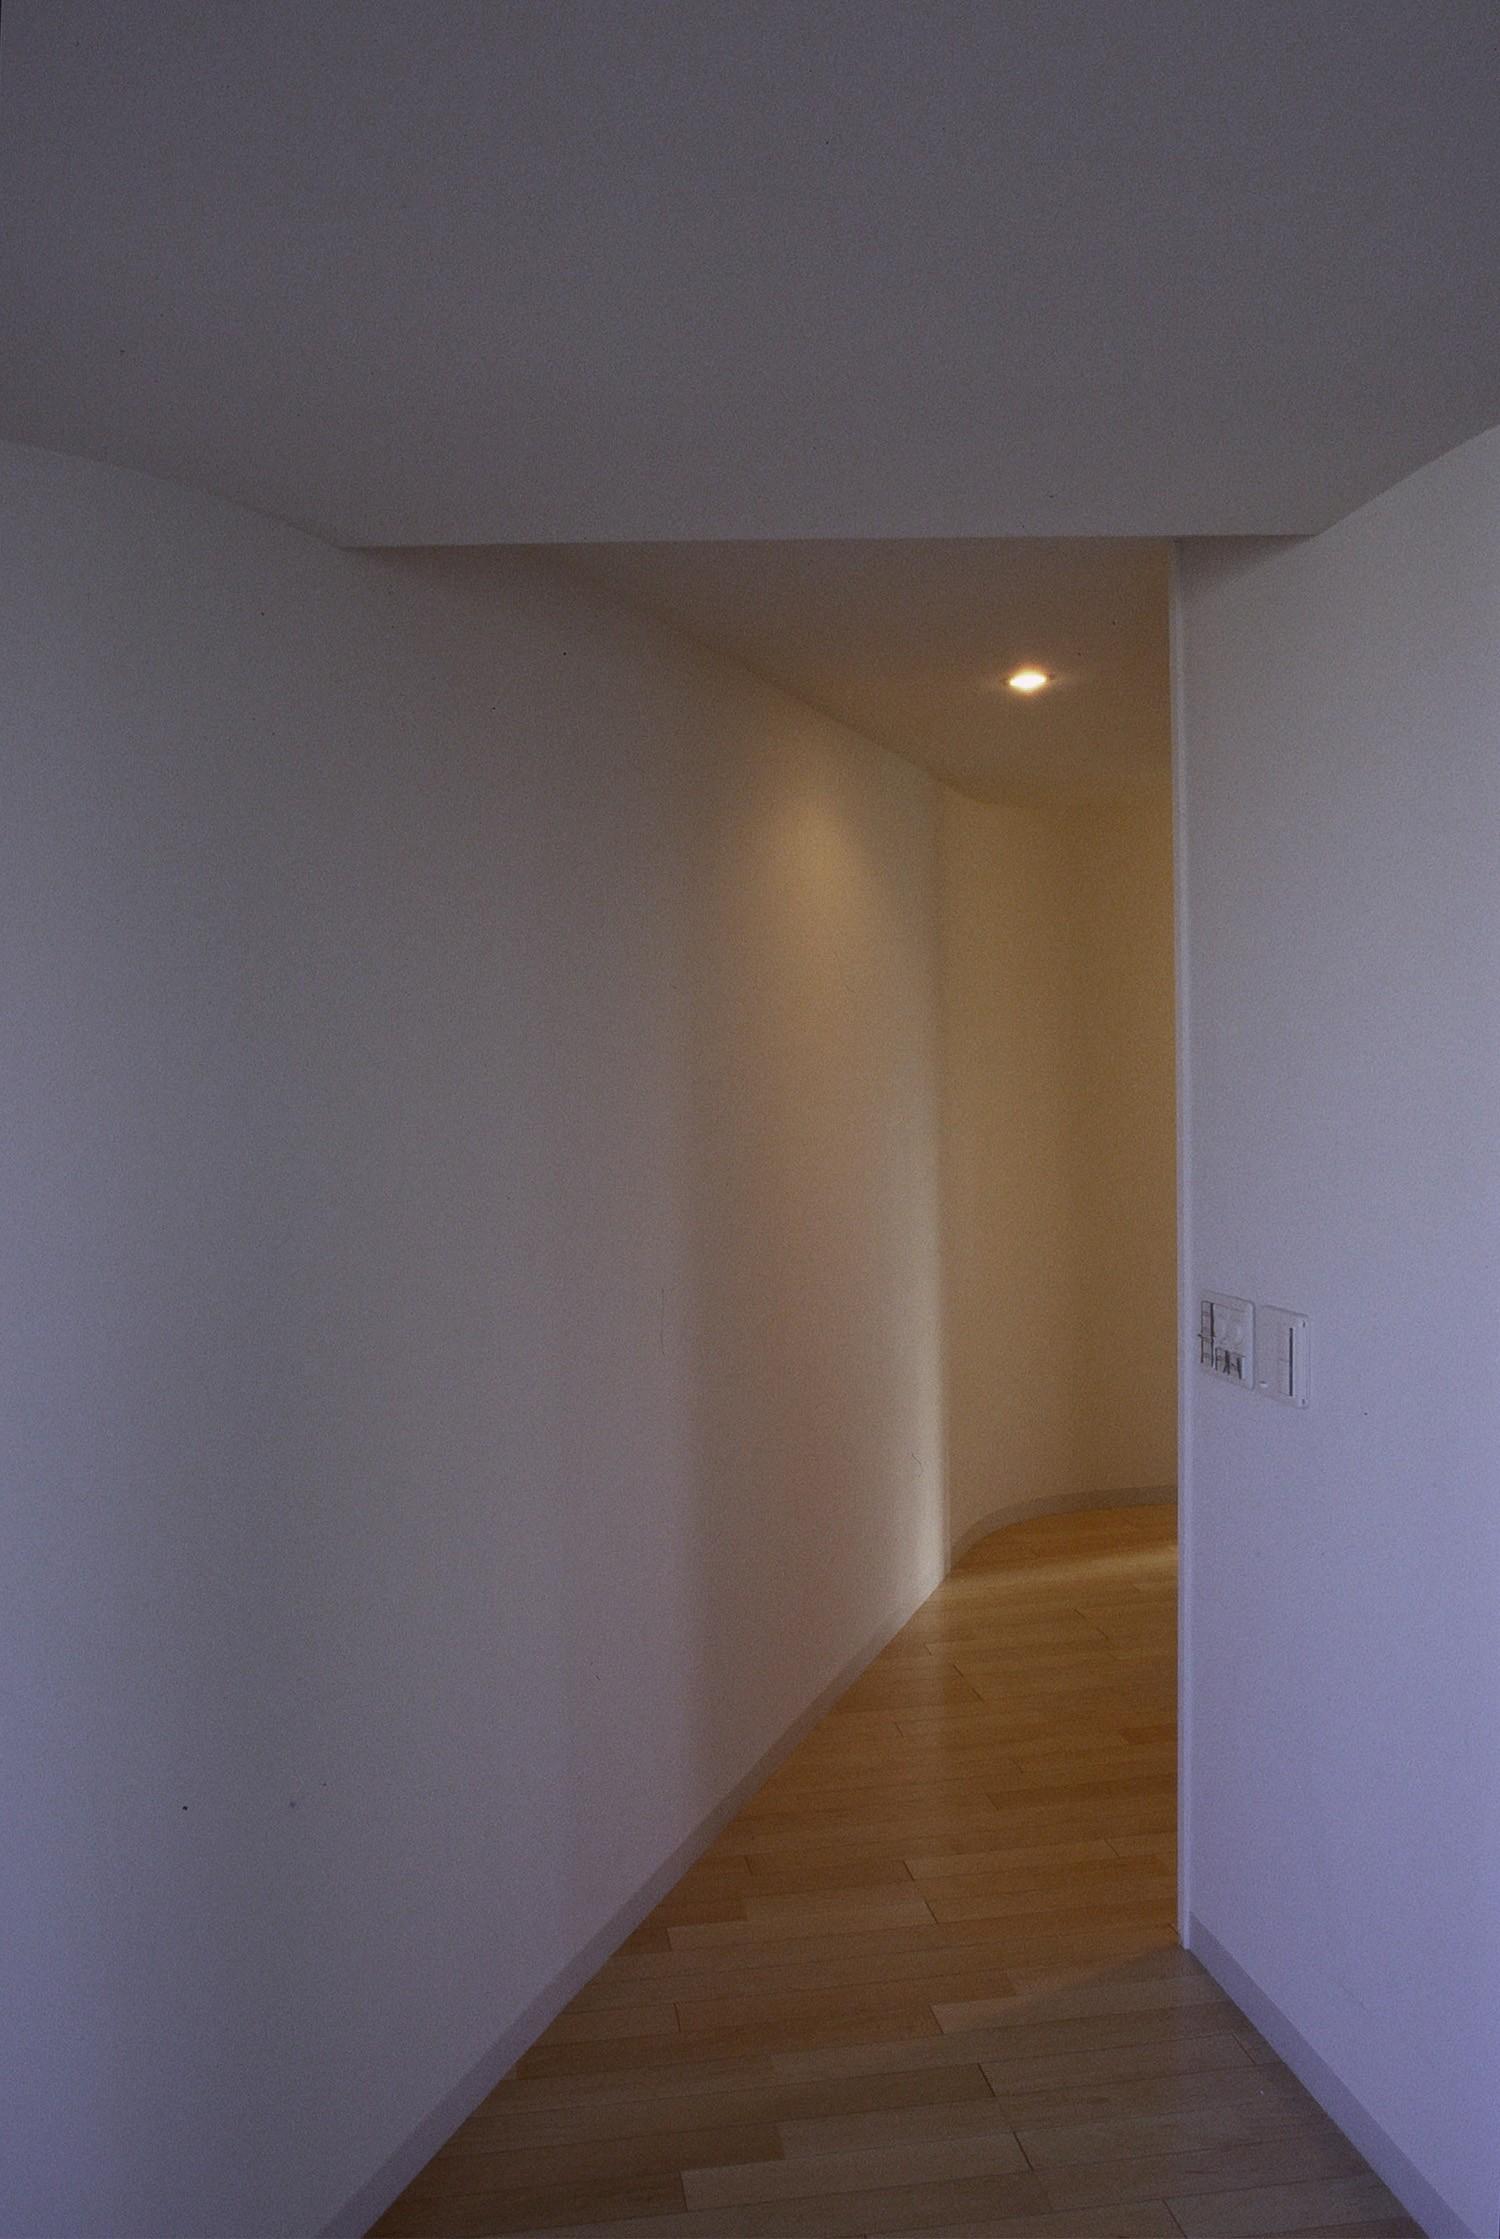 その他事例:廊下(東京中野 ミニマル・シンプルな空間へマンションリノベーション)